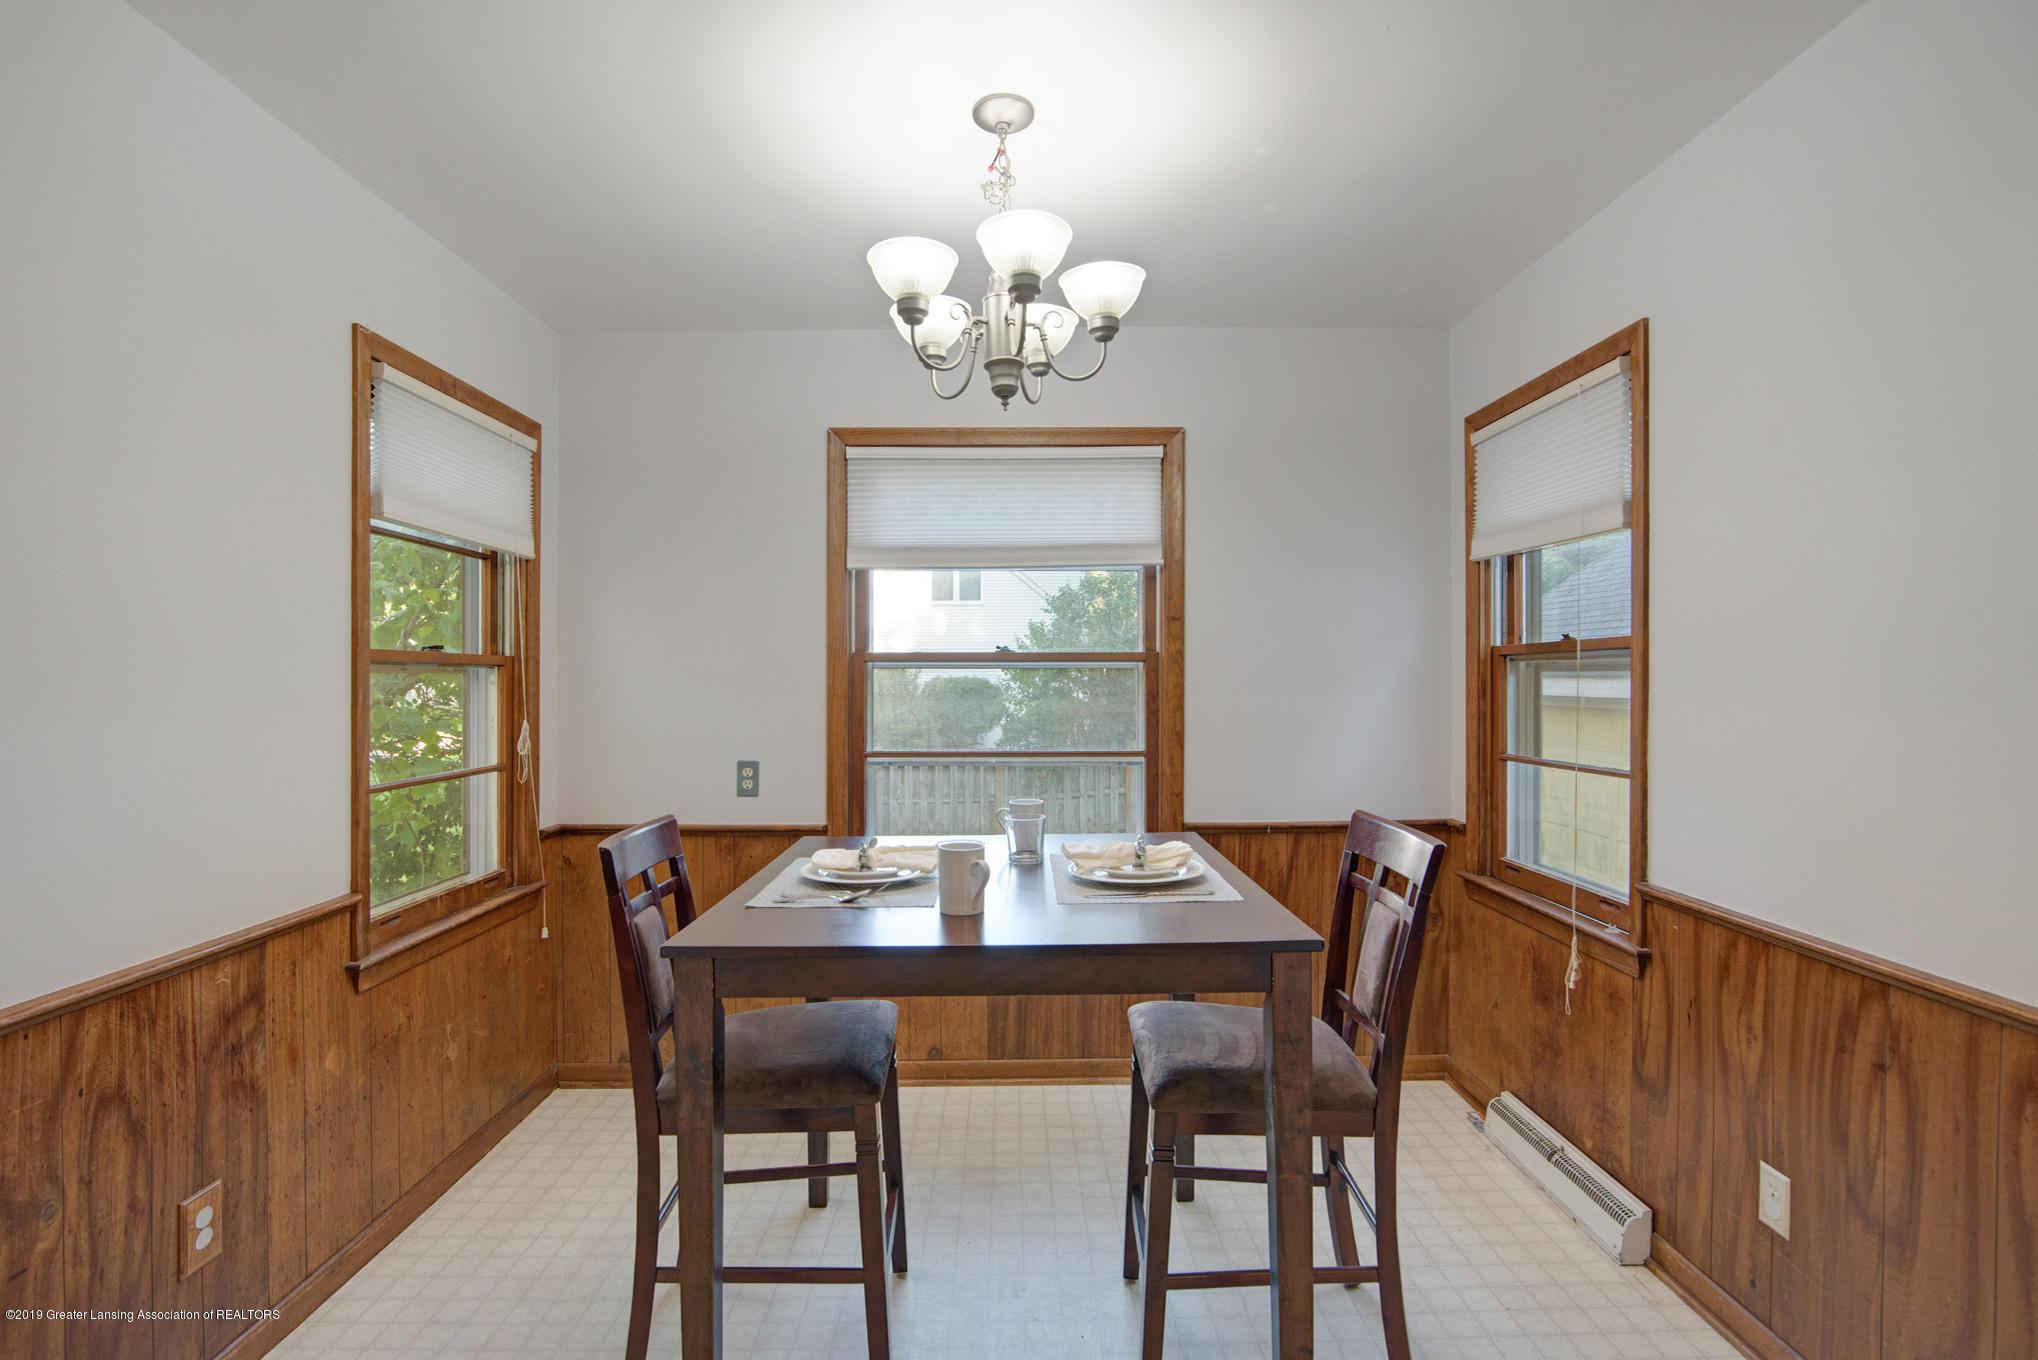 1237 Daisy Ln - Dining Room - 6